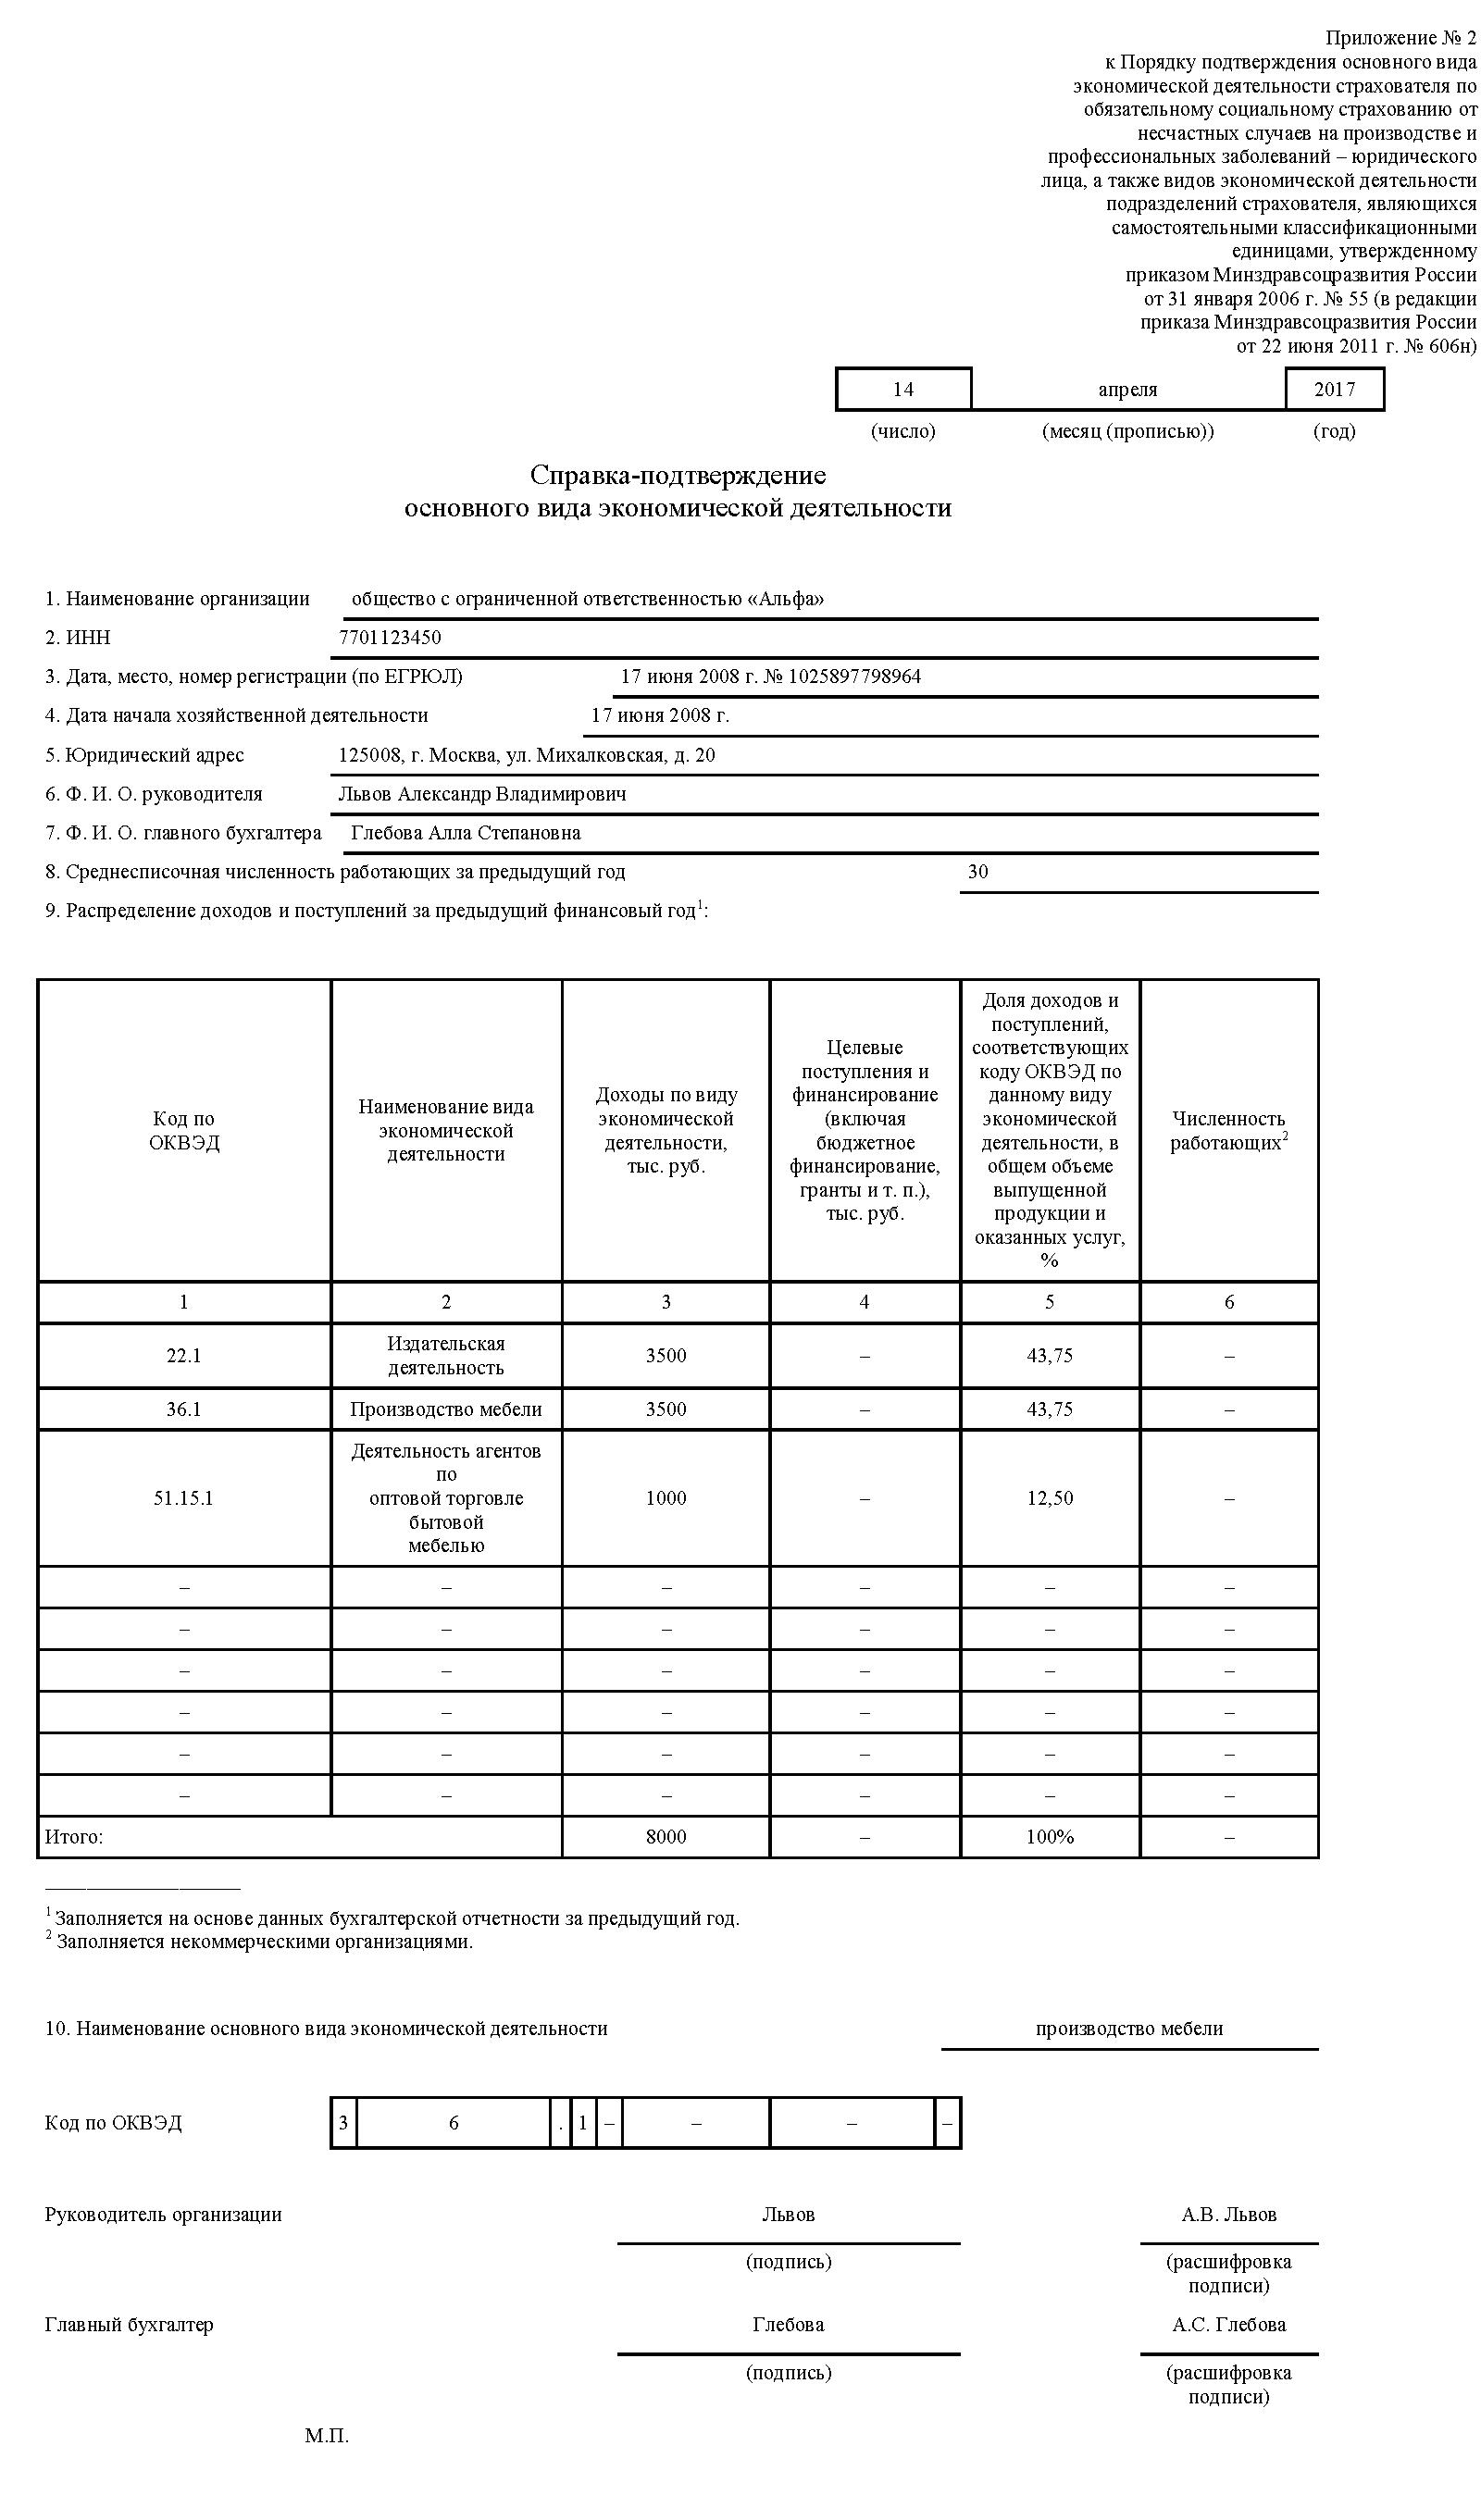 Образец заявления о внесении изменений в сведения ип